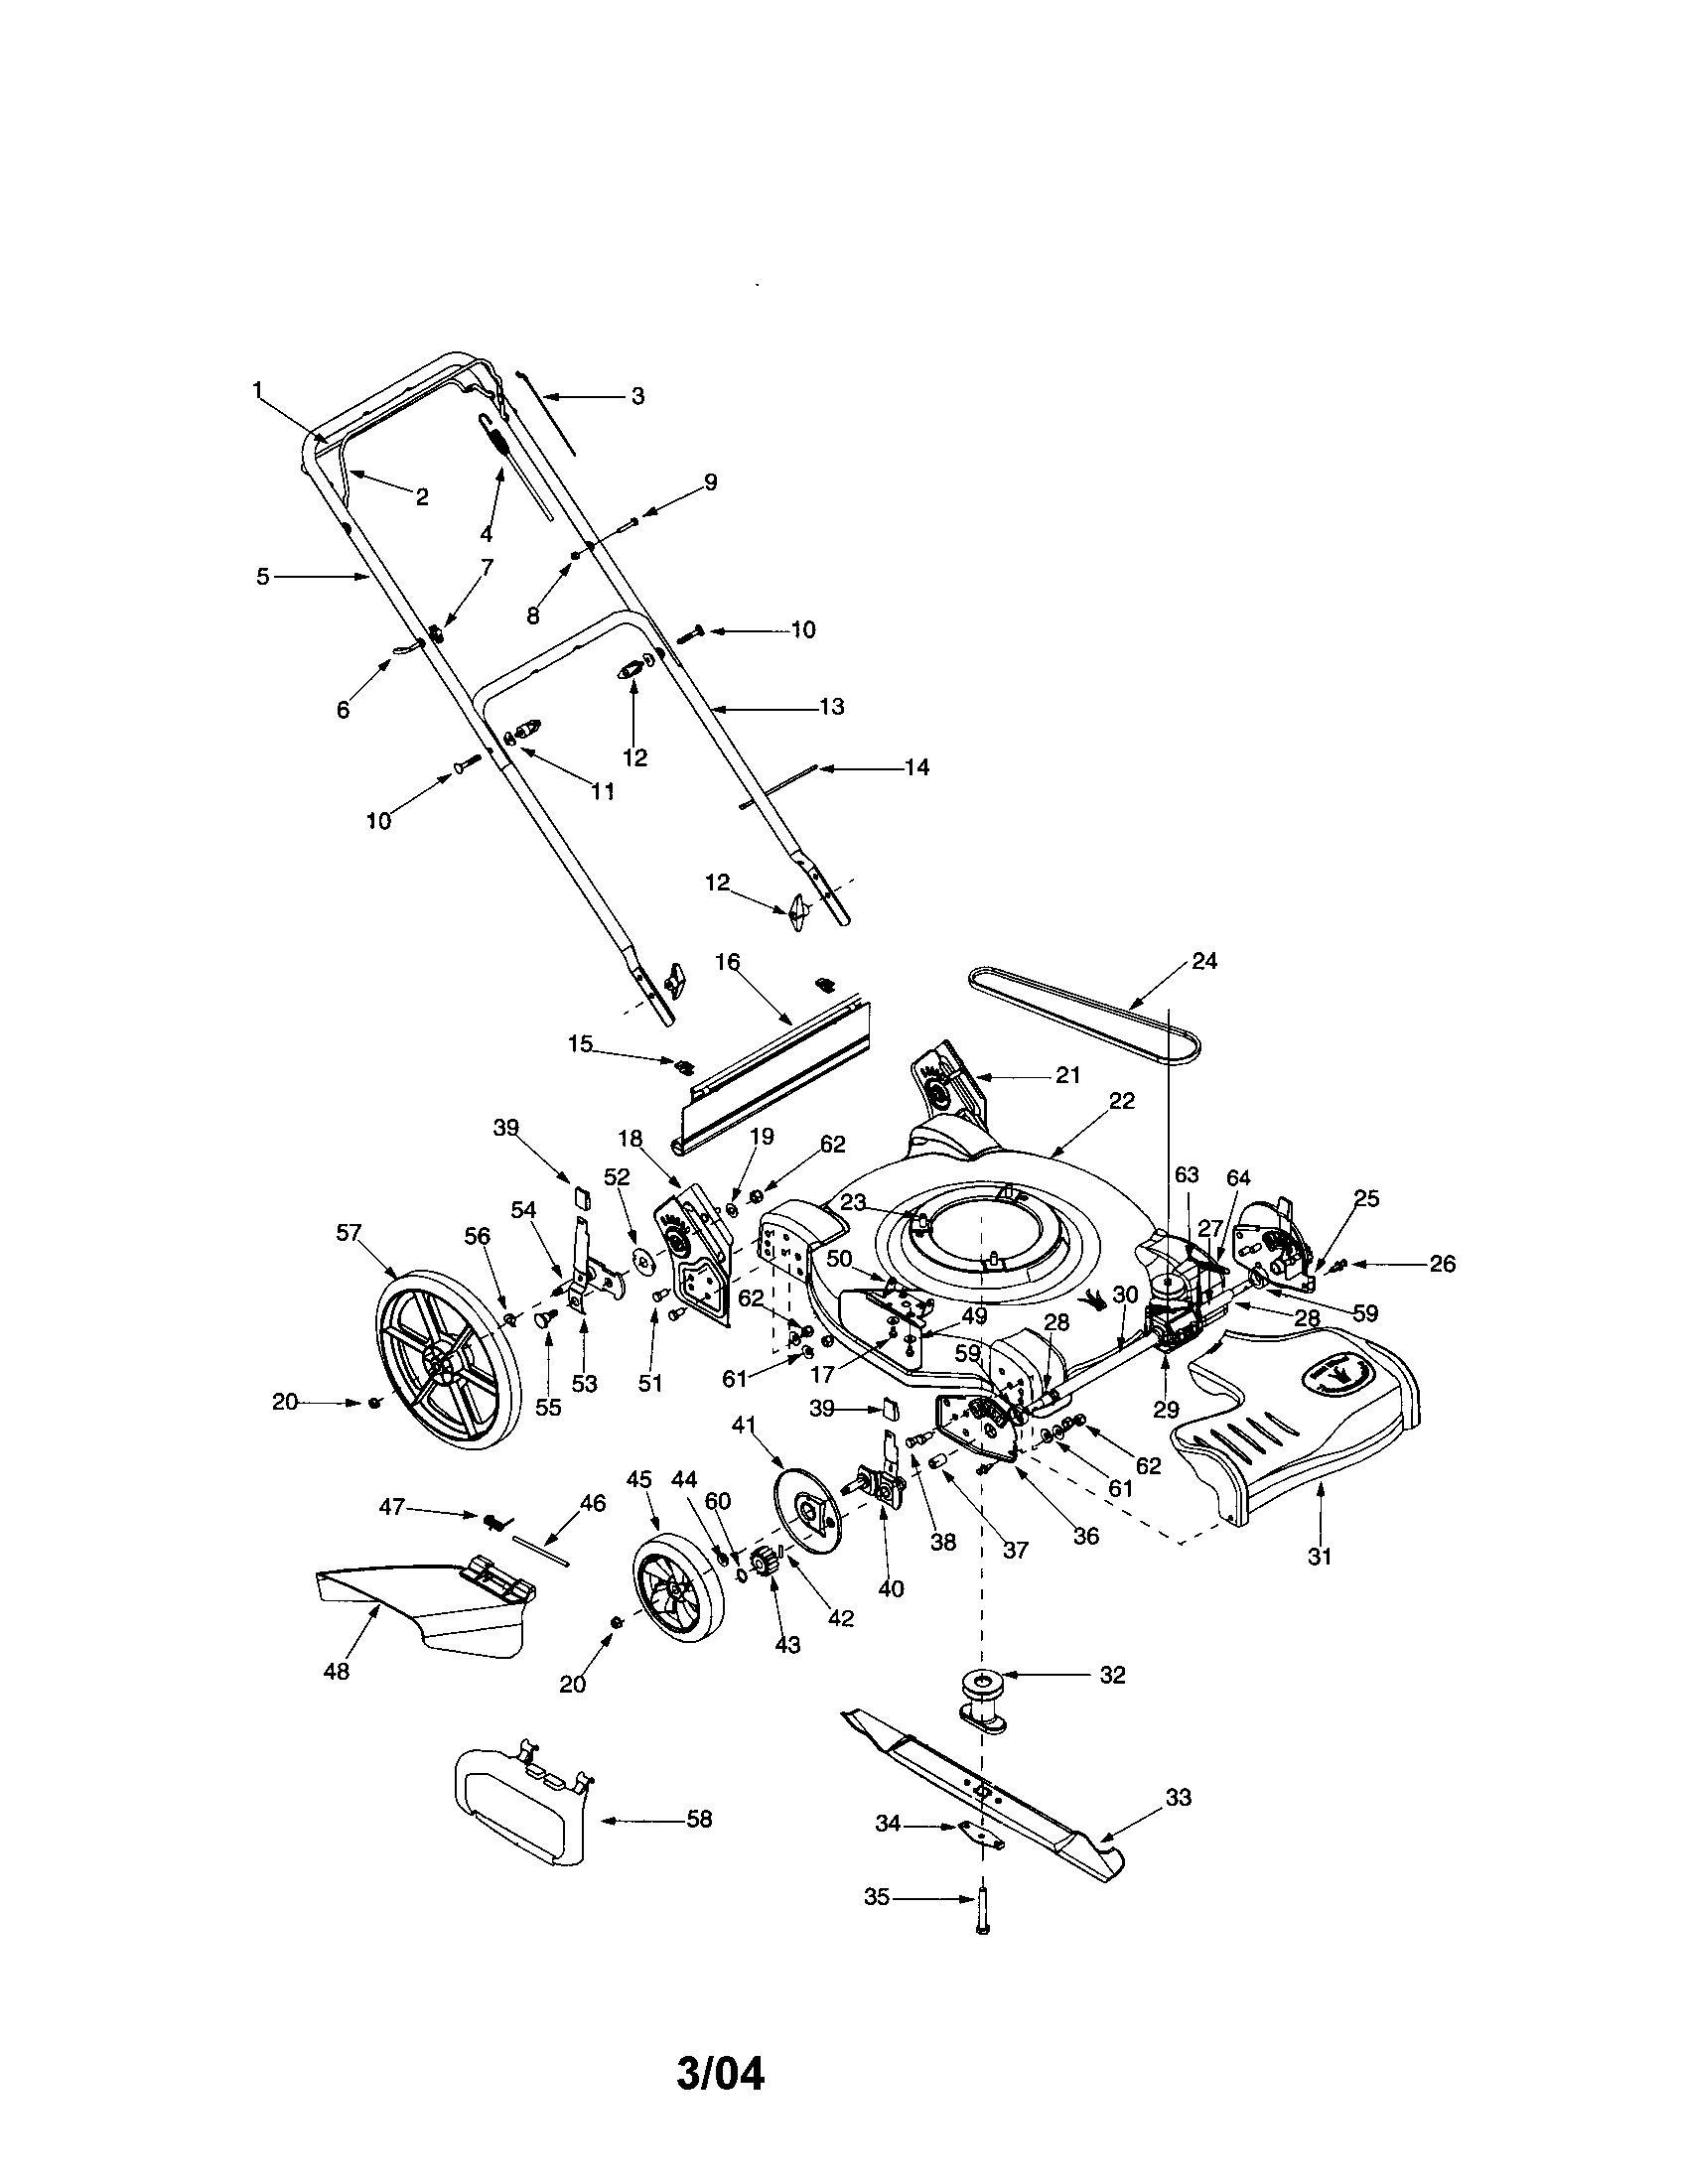 bolens lawn tractor parts diagram sony cdx gt360mp wiring model 12a 526l163 walk behind lawnmower gas genuine no found